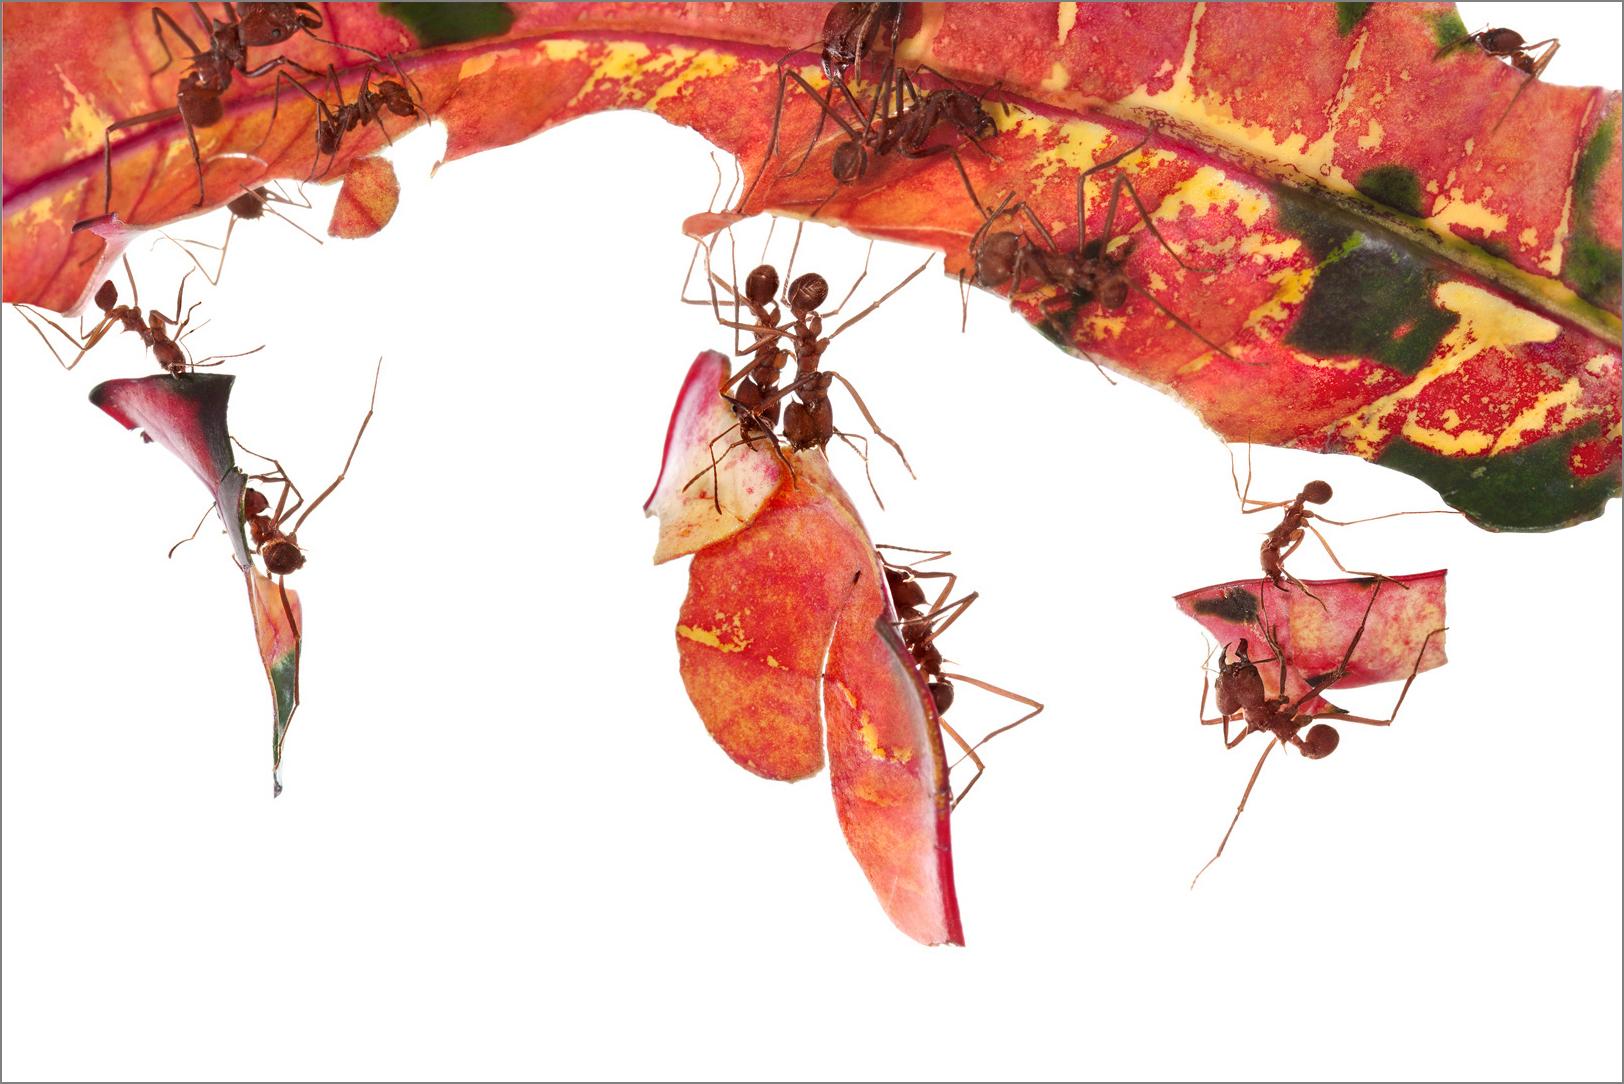 antworks_orange_4g.jpg